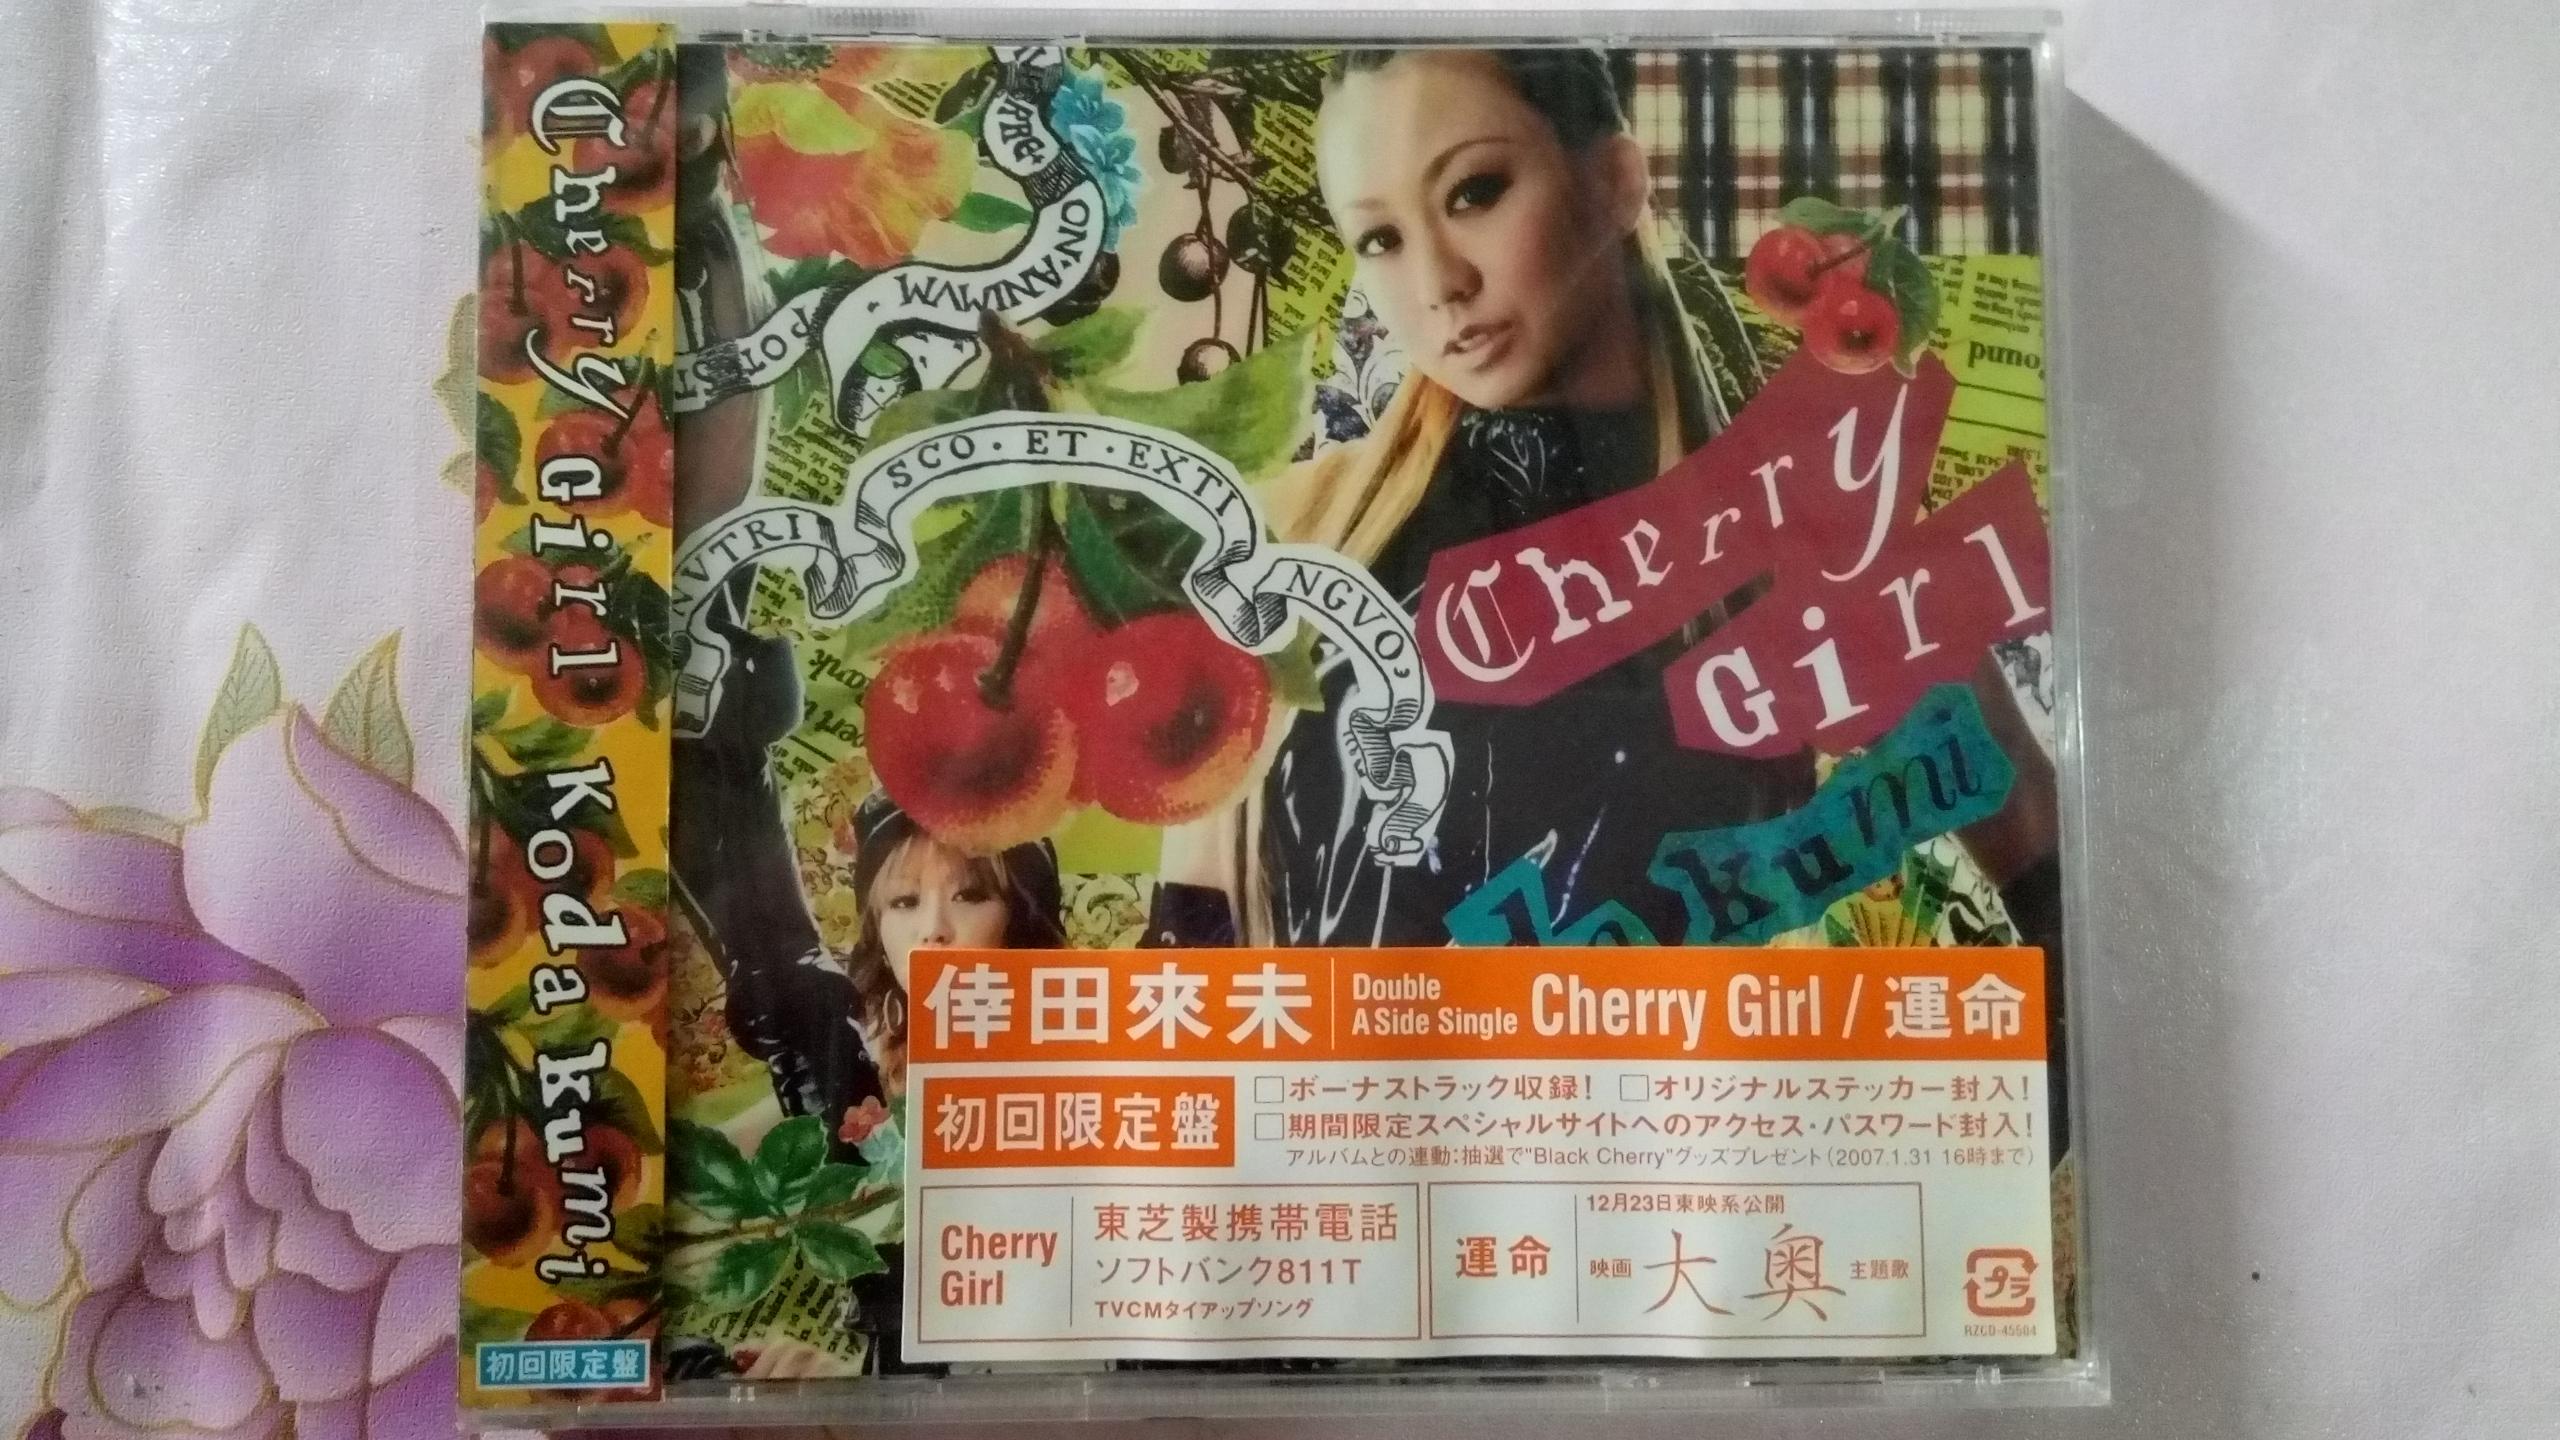 Совершенно новый Cherry Девочка / транспорт жизнь к счастью поле приход не рано возвращение предел платить маркировка